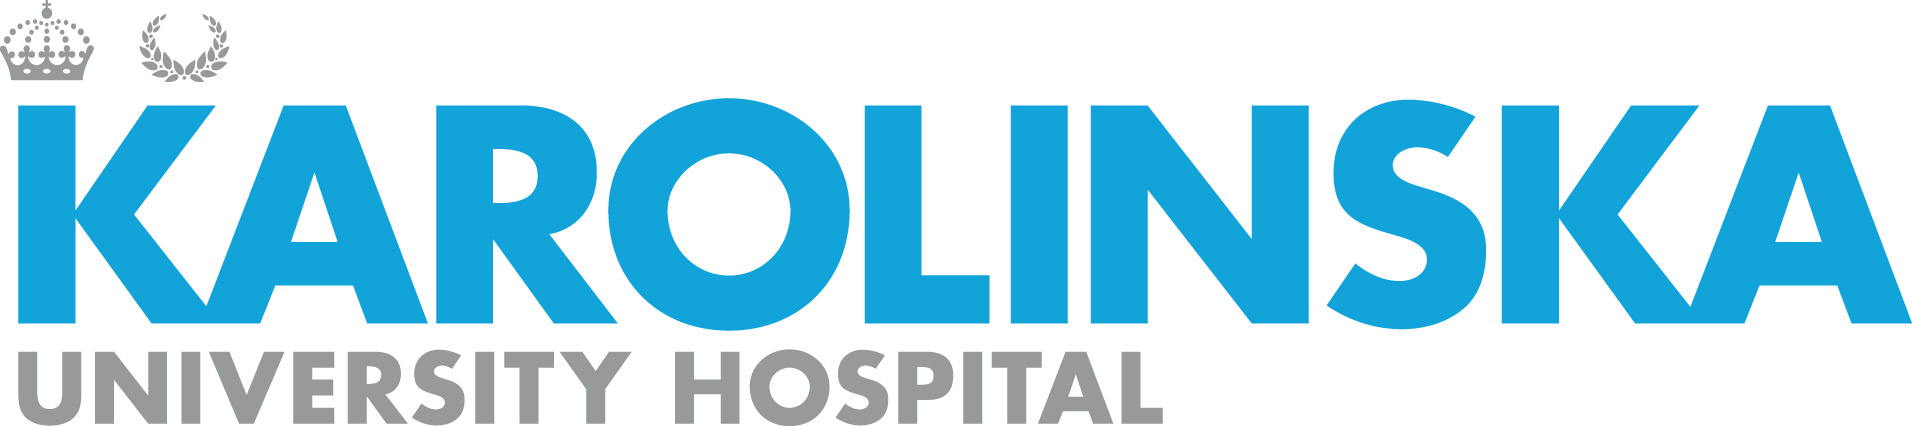 Karolinska University Hospital